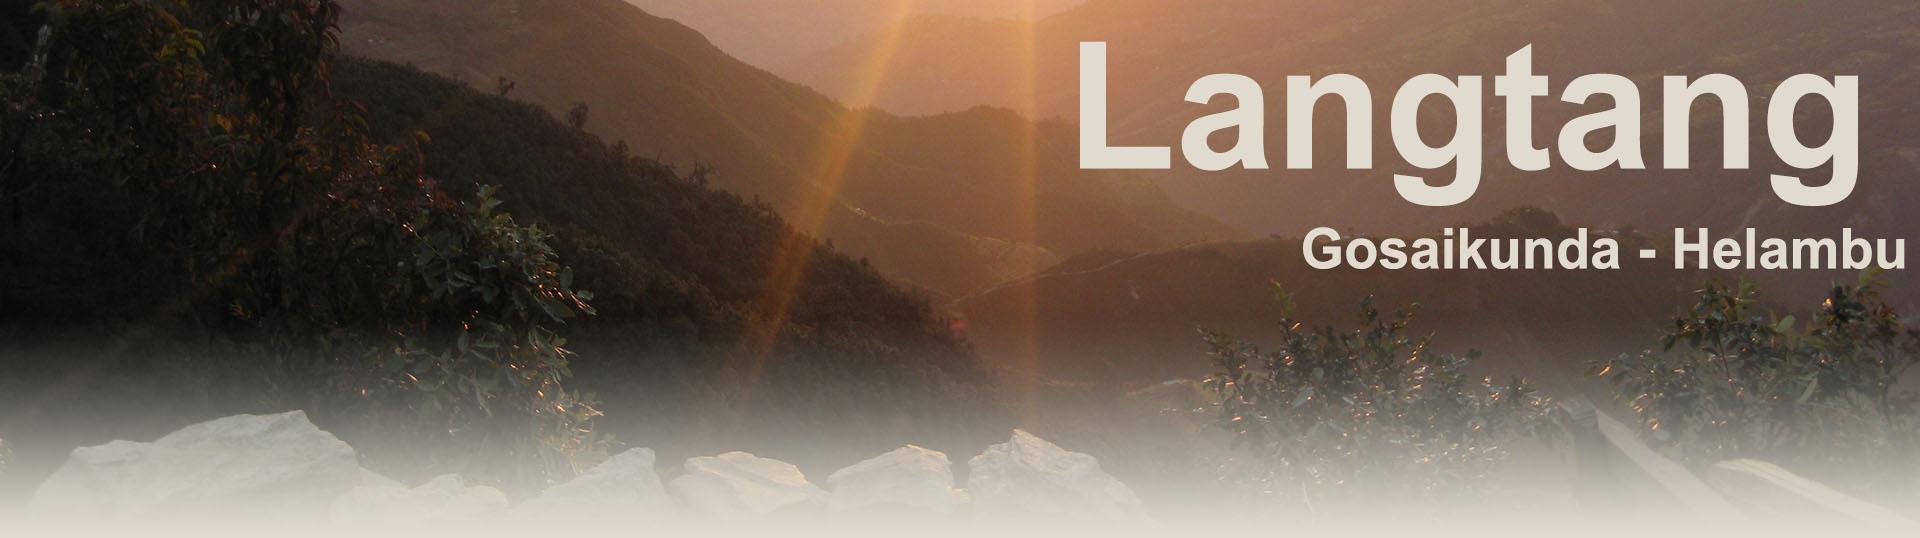 Langtang - Gosaikunda - Helambu